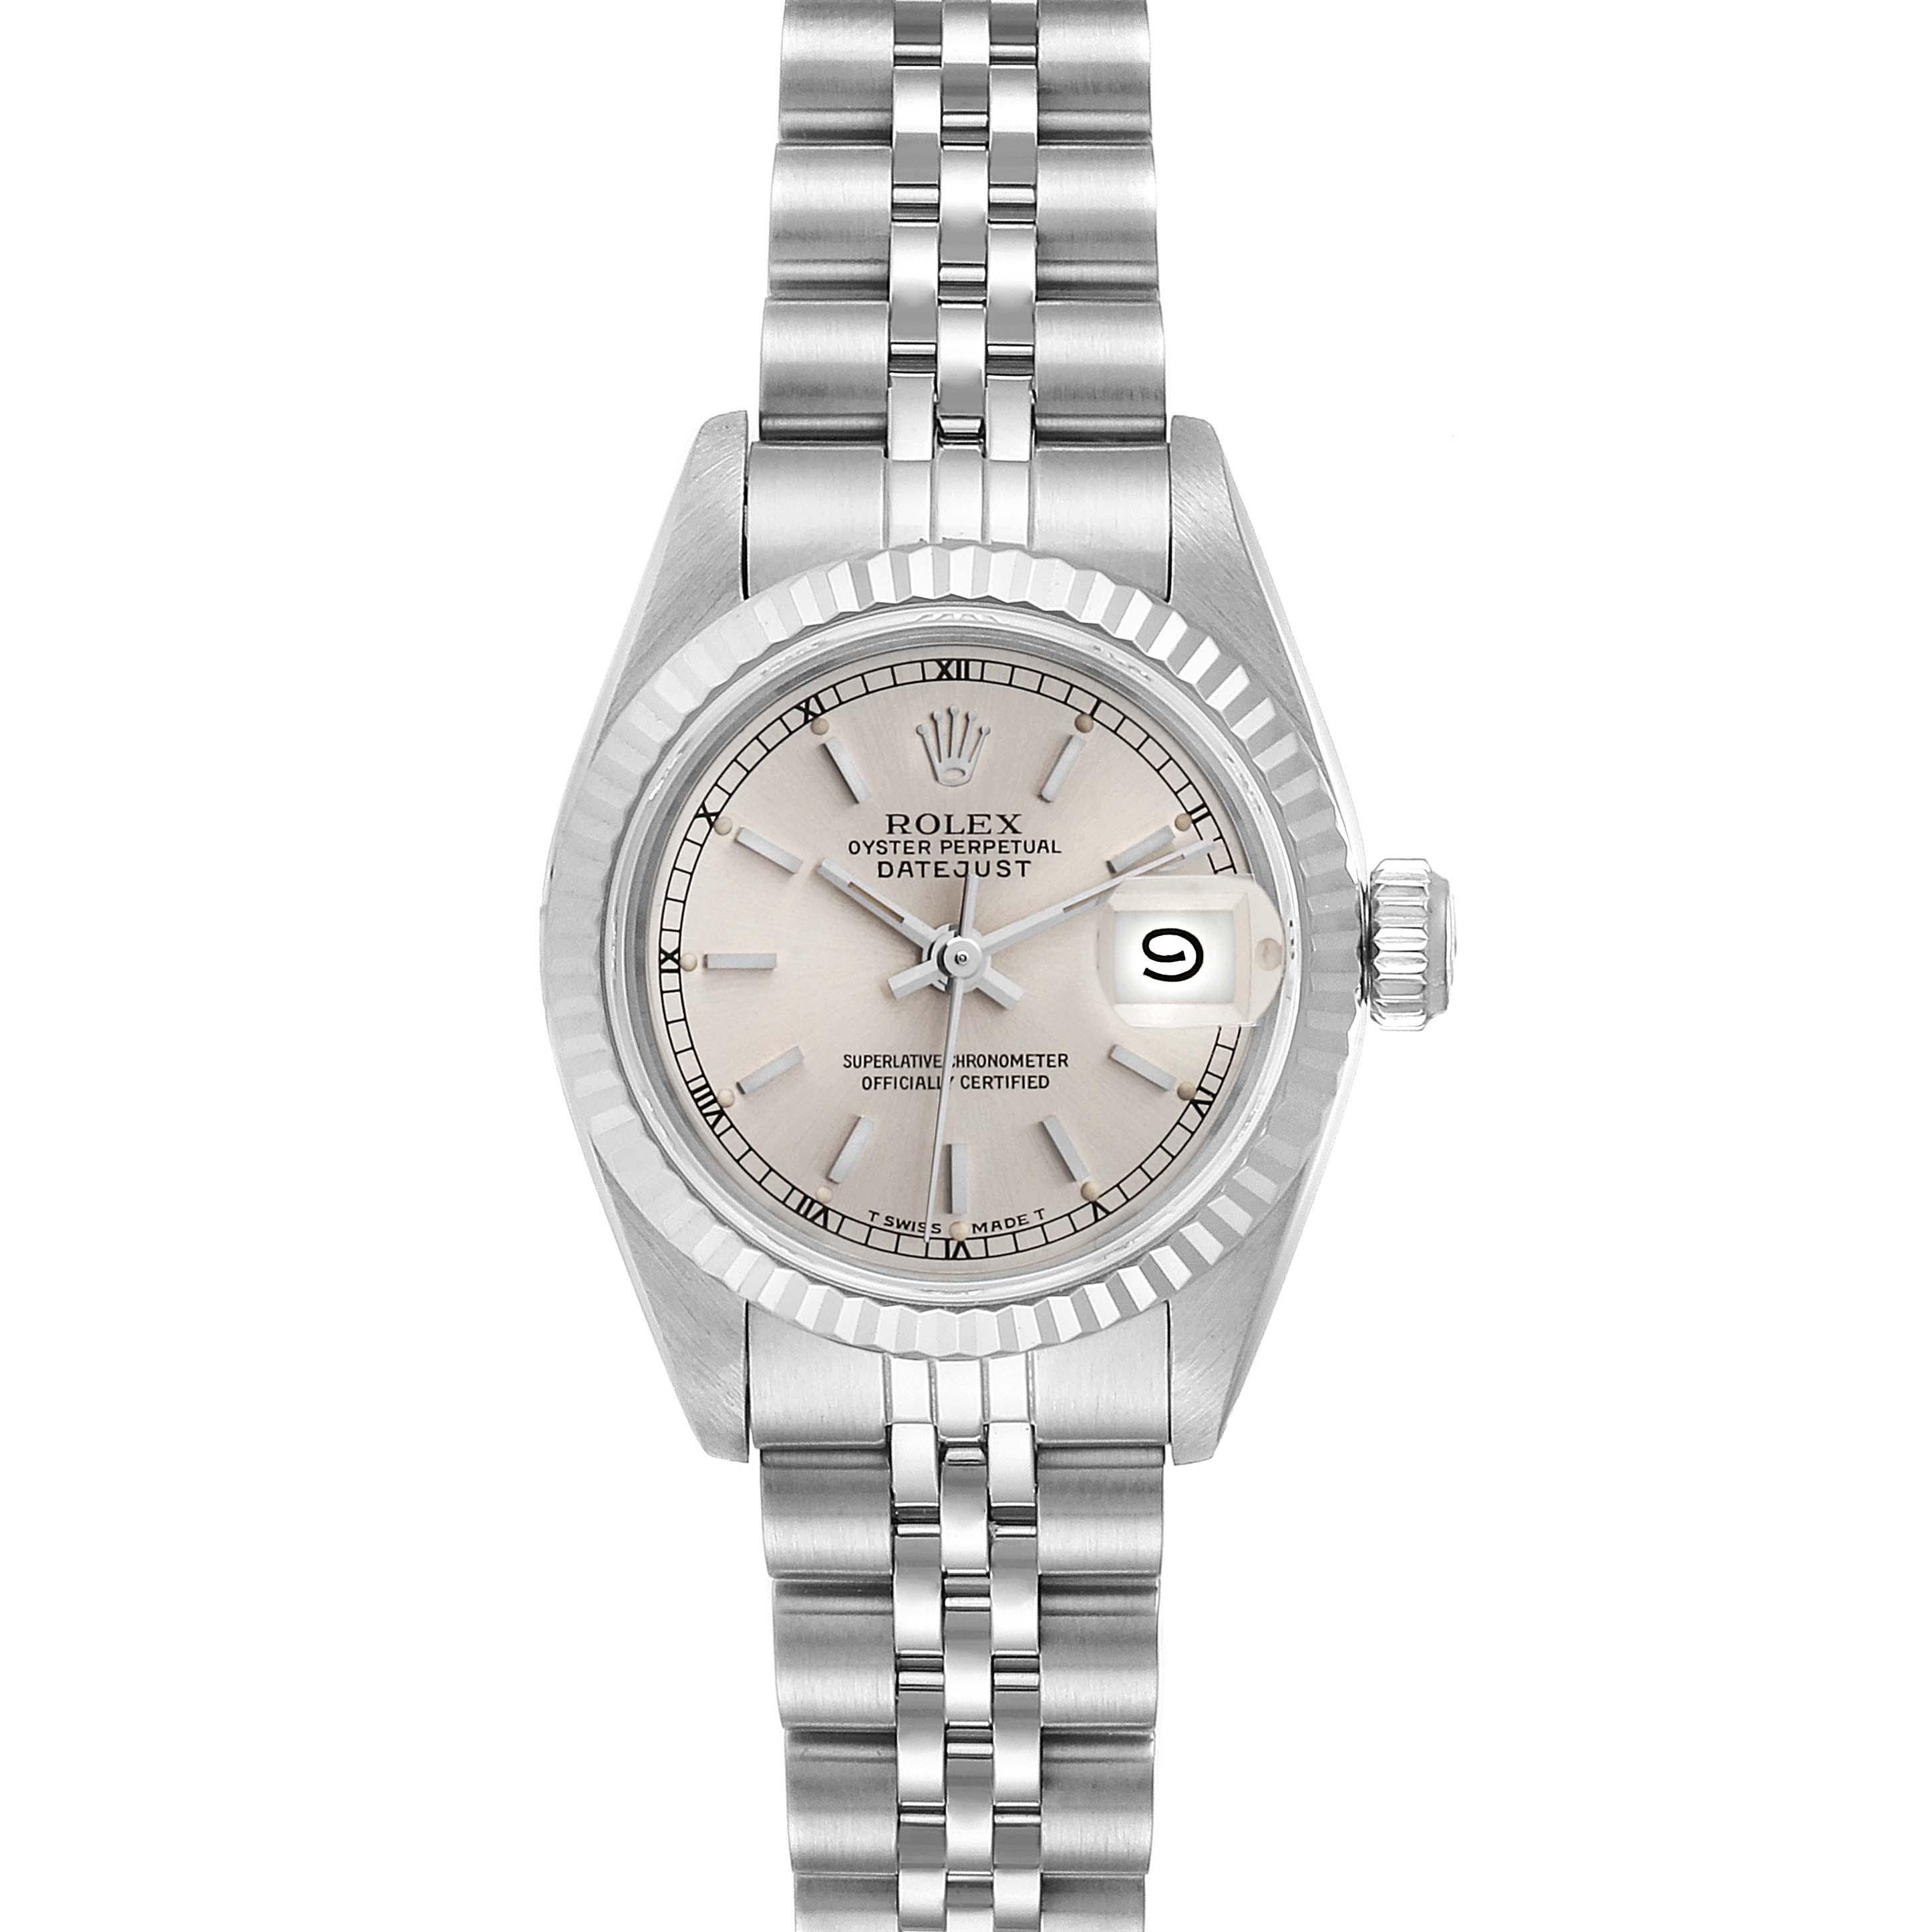 Rolex Datejust Steel White Gold Jubilee Bracelet Ladies Watch 69174